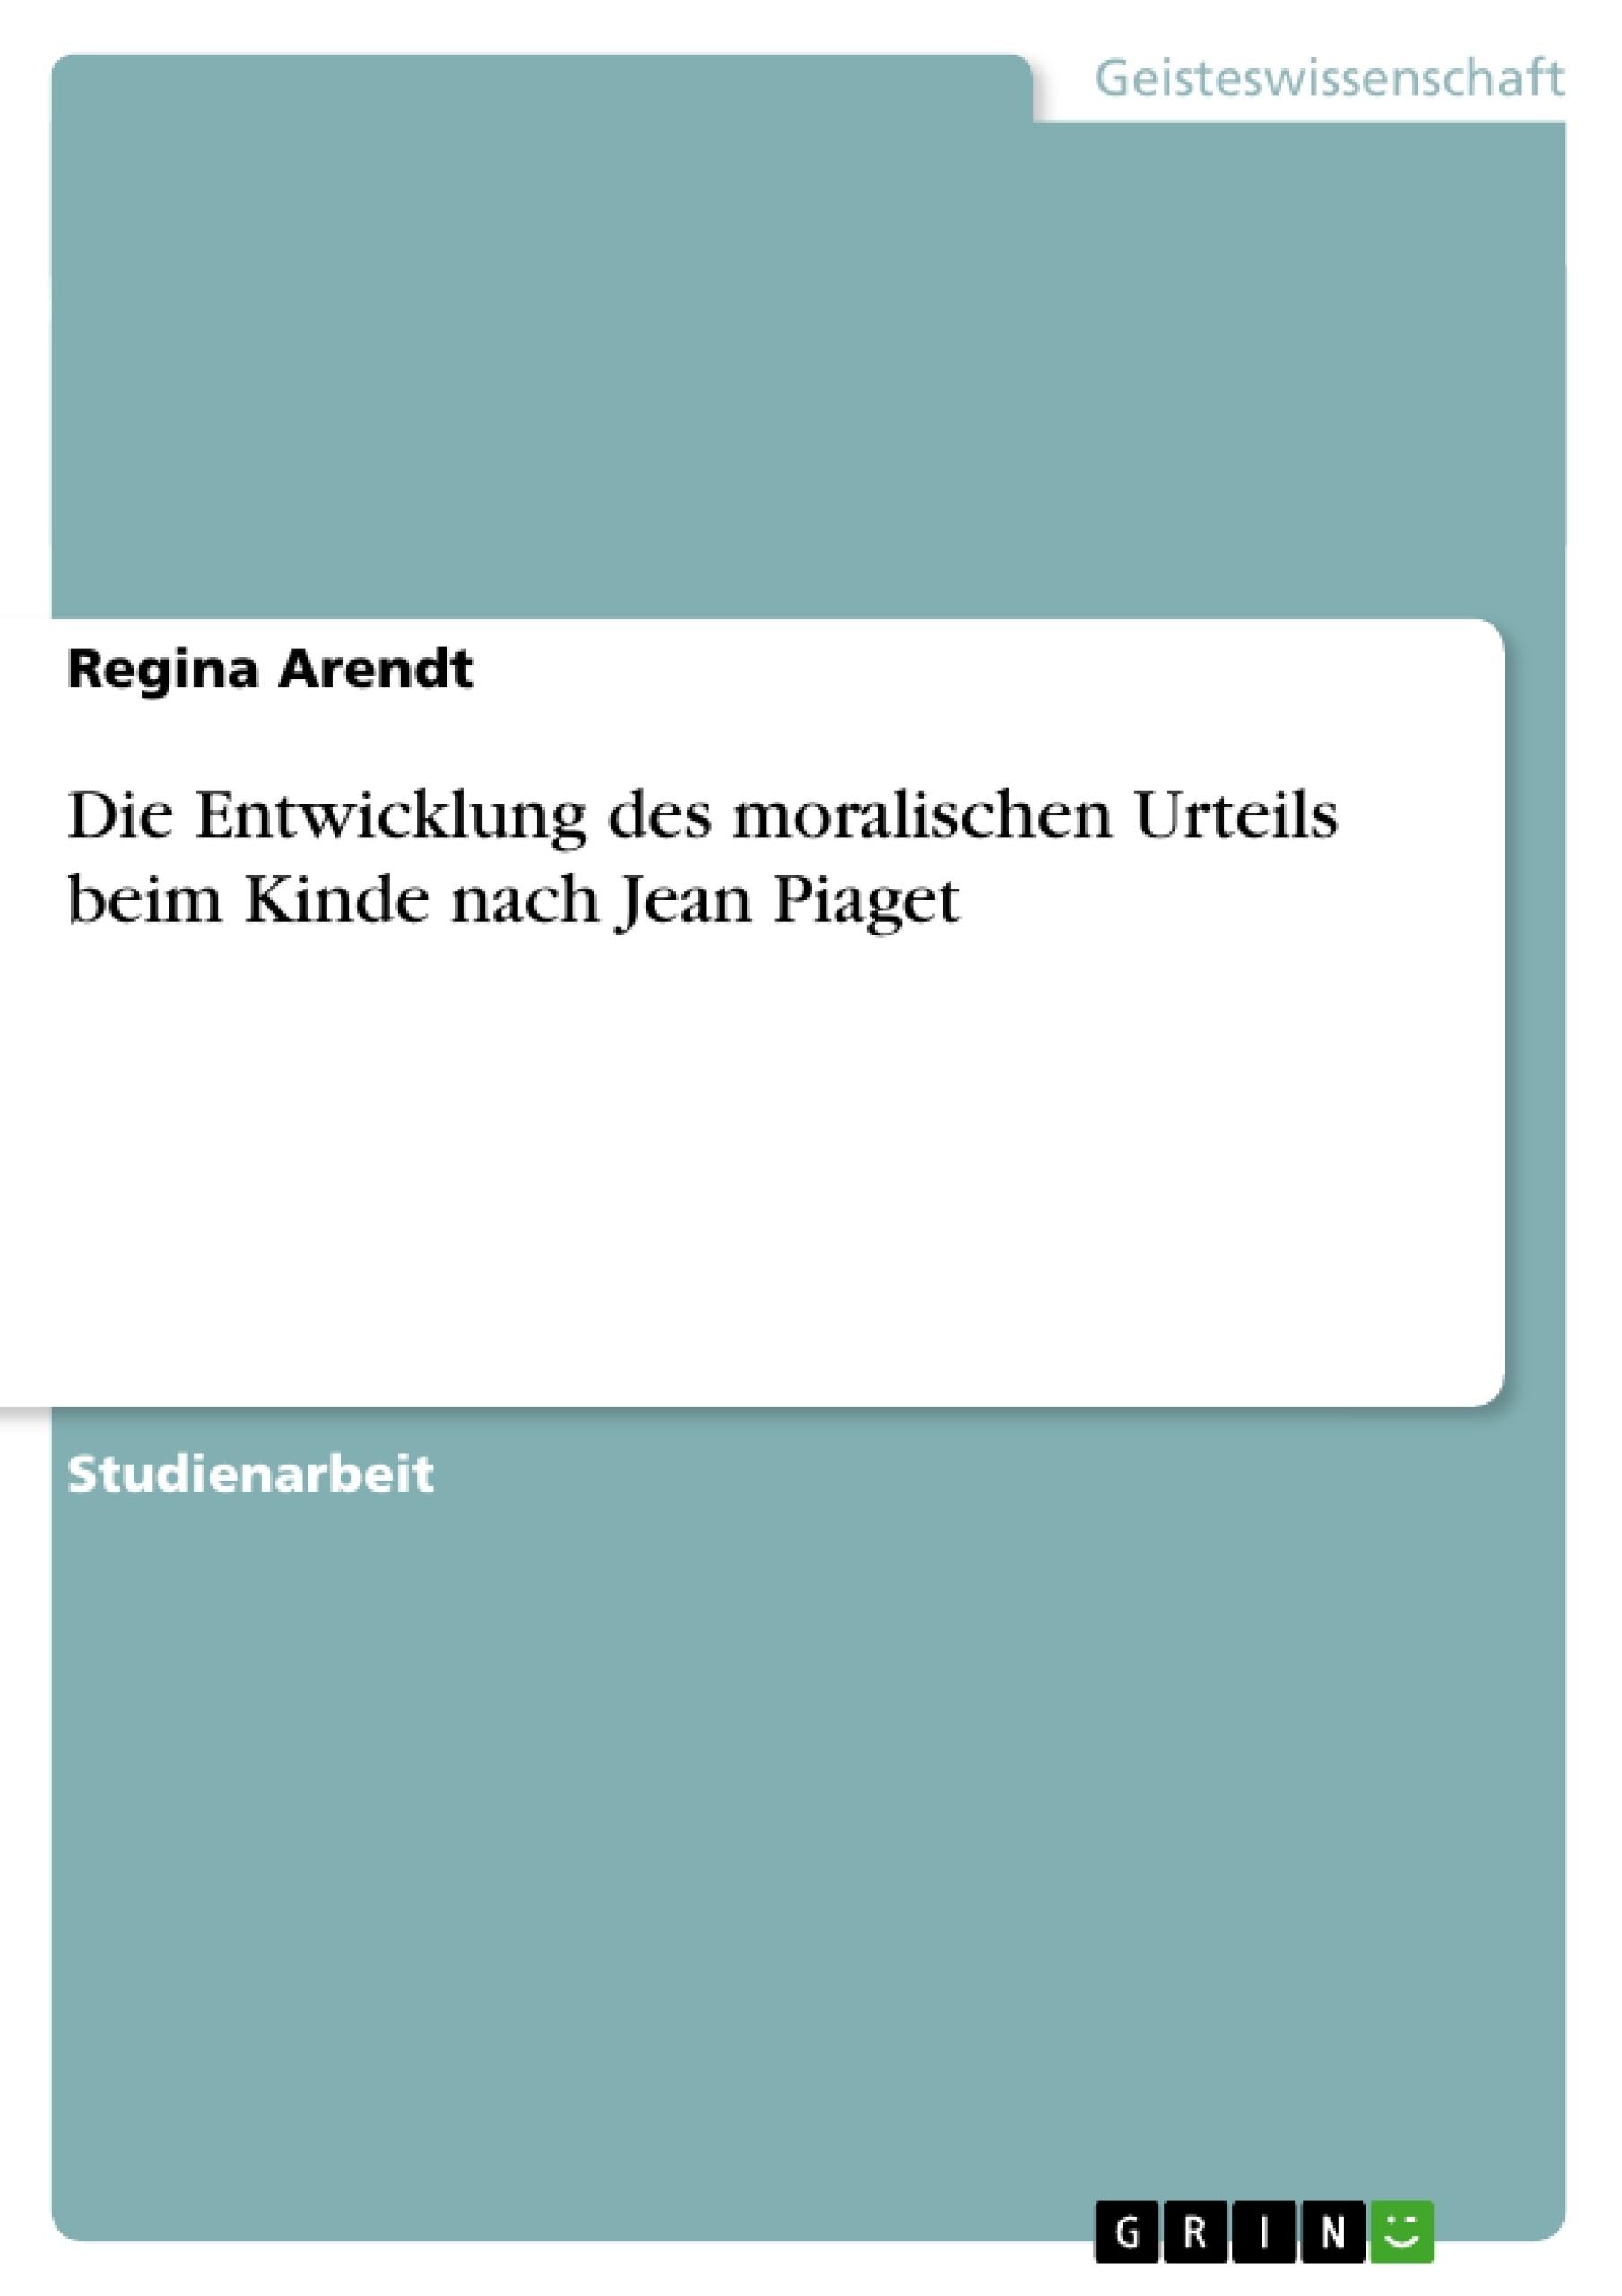 Titel: Die Entwicklung des moralischen Urteils beim Kinde nach Jean Piaget